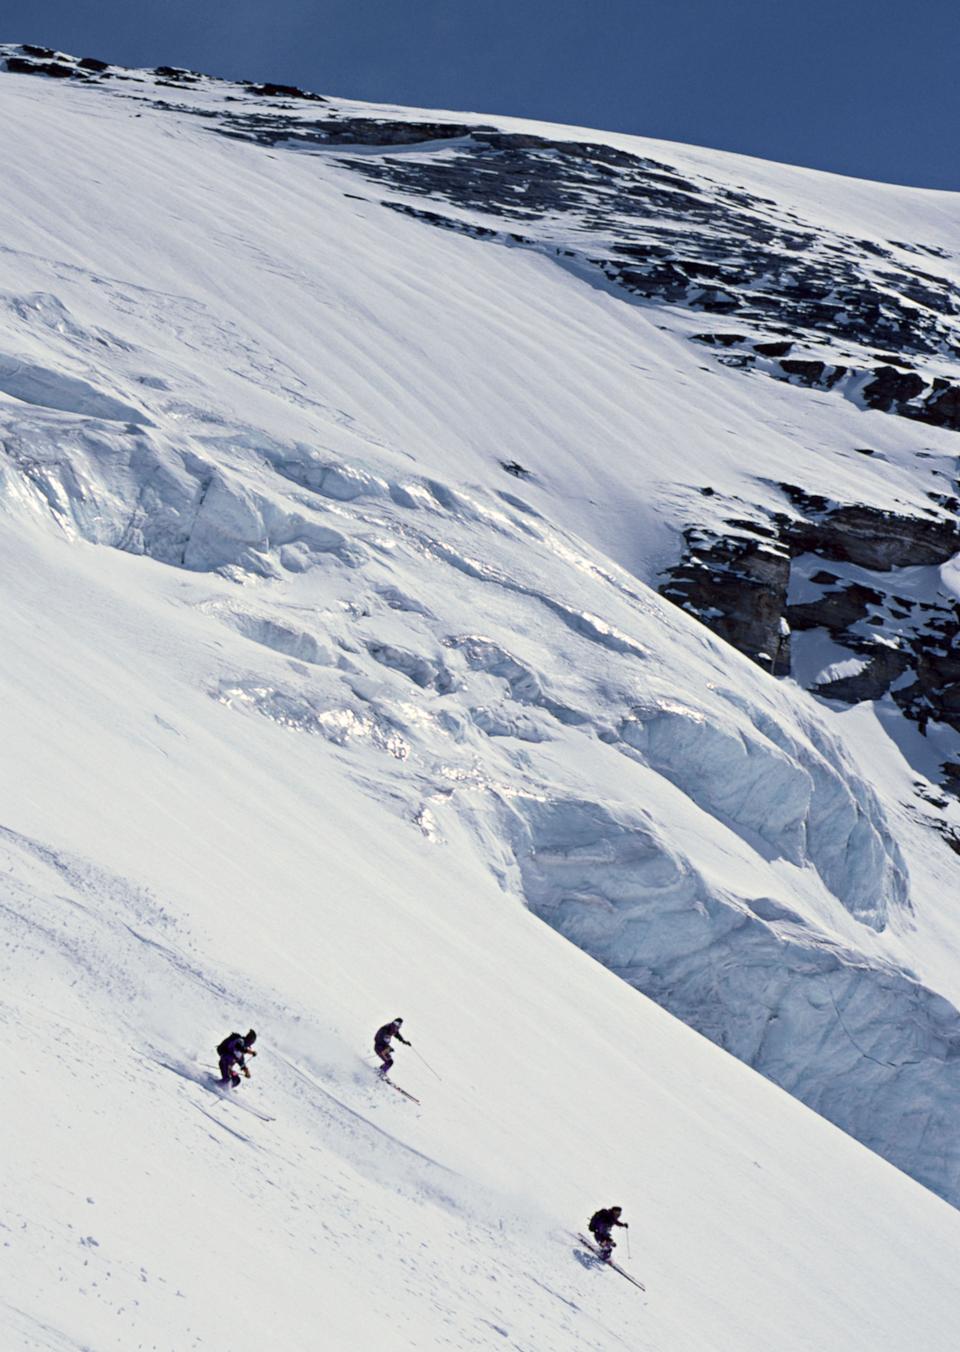 Esquiador extremo en la nieve polvo fresca